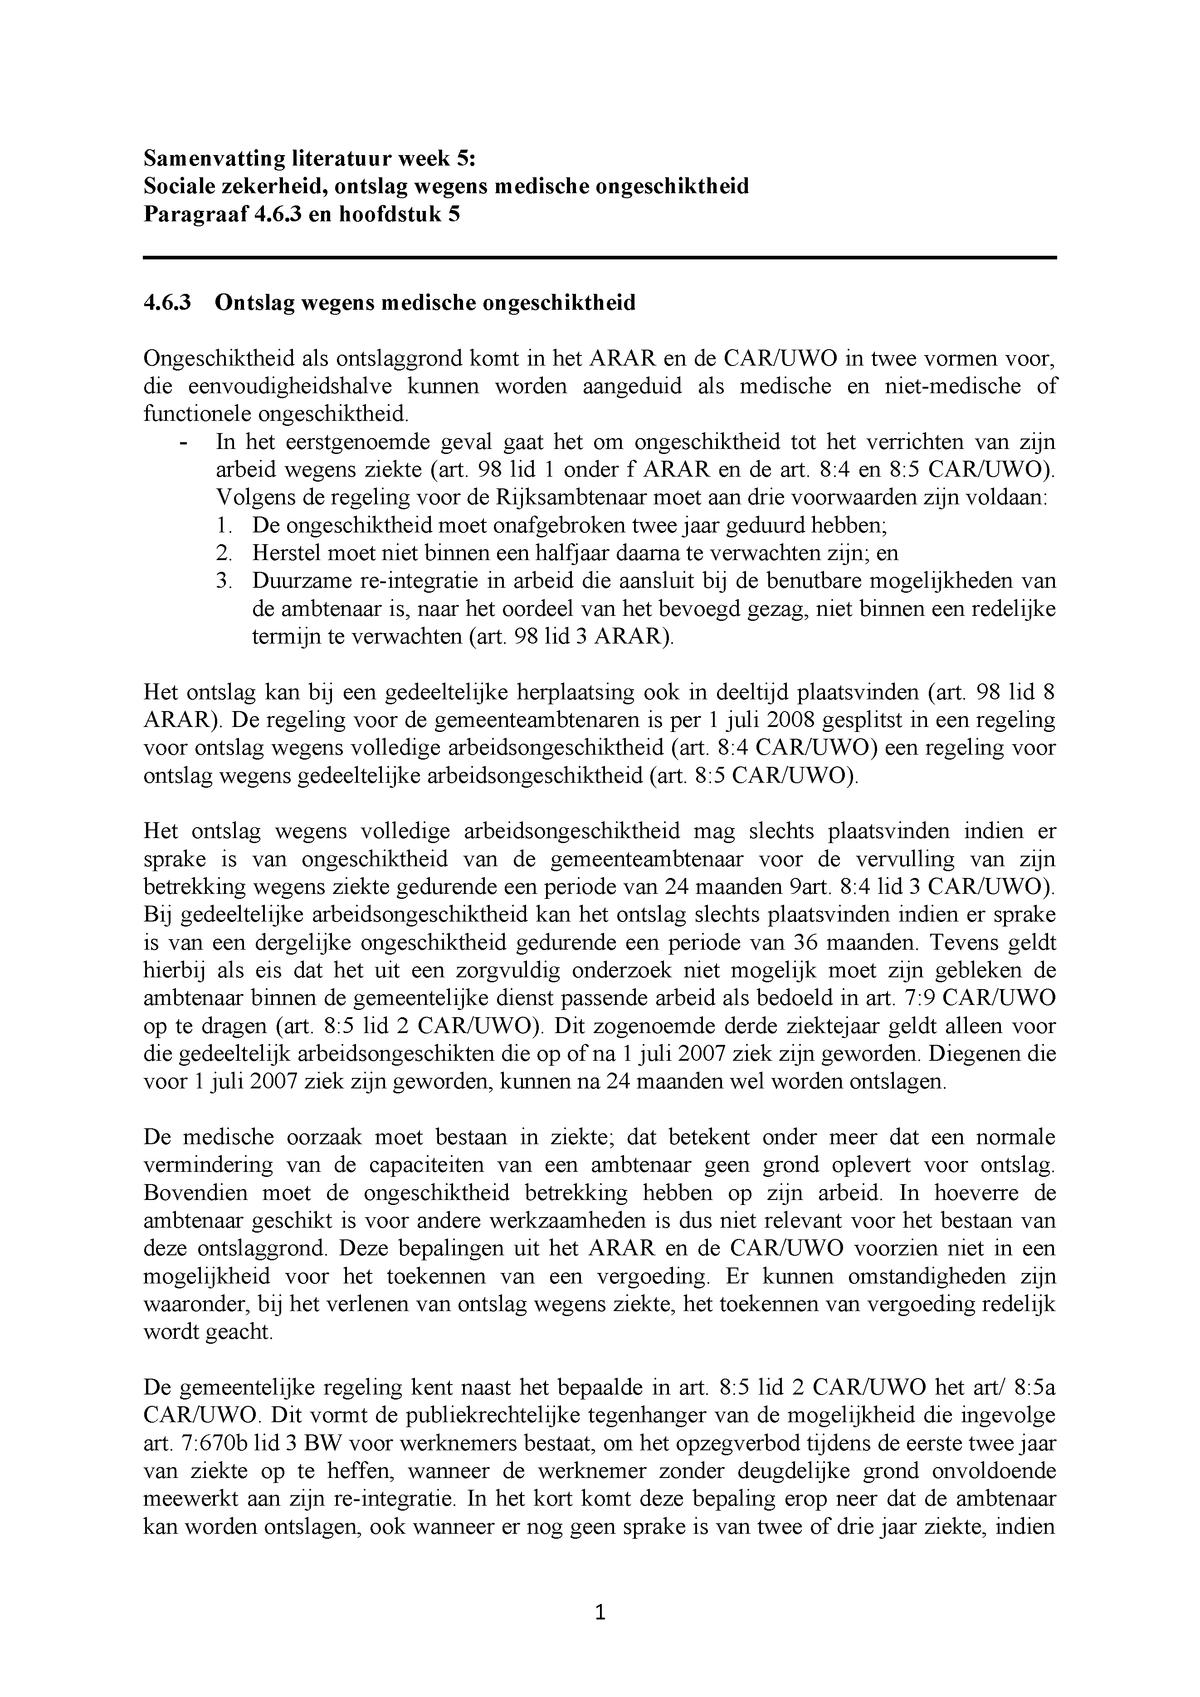 Samenvatting Inleiding Nederlands Ambtenarenrecht | De